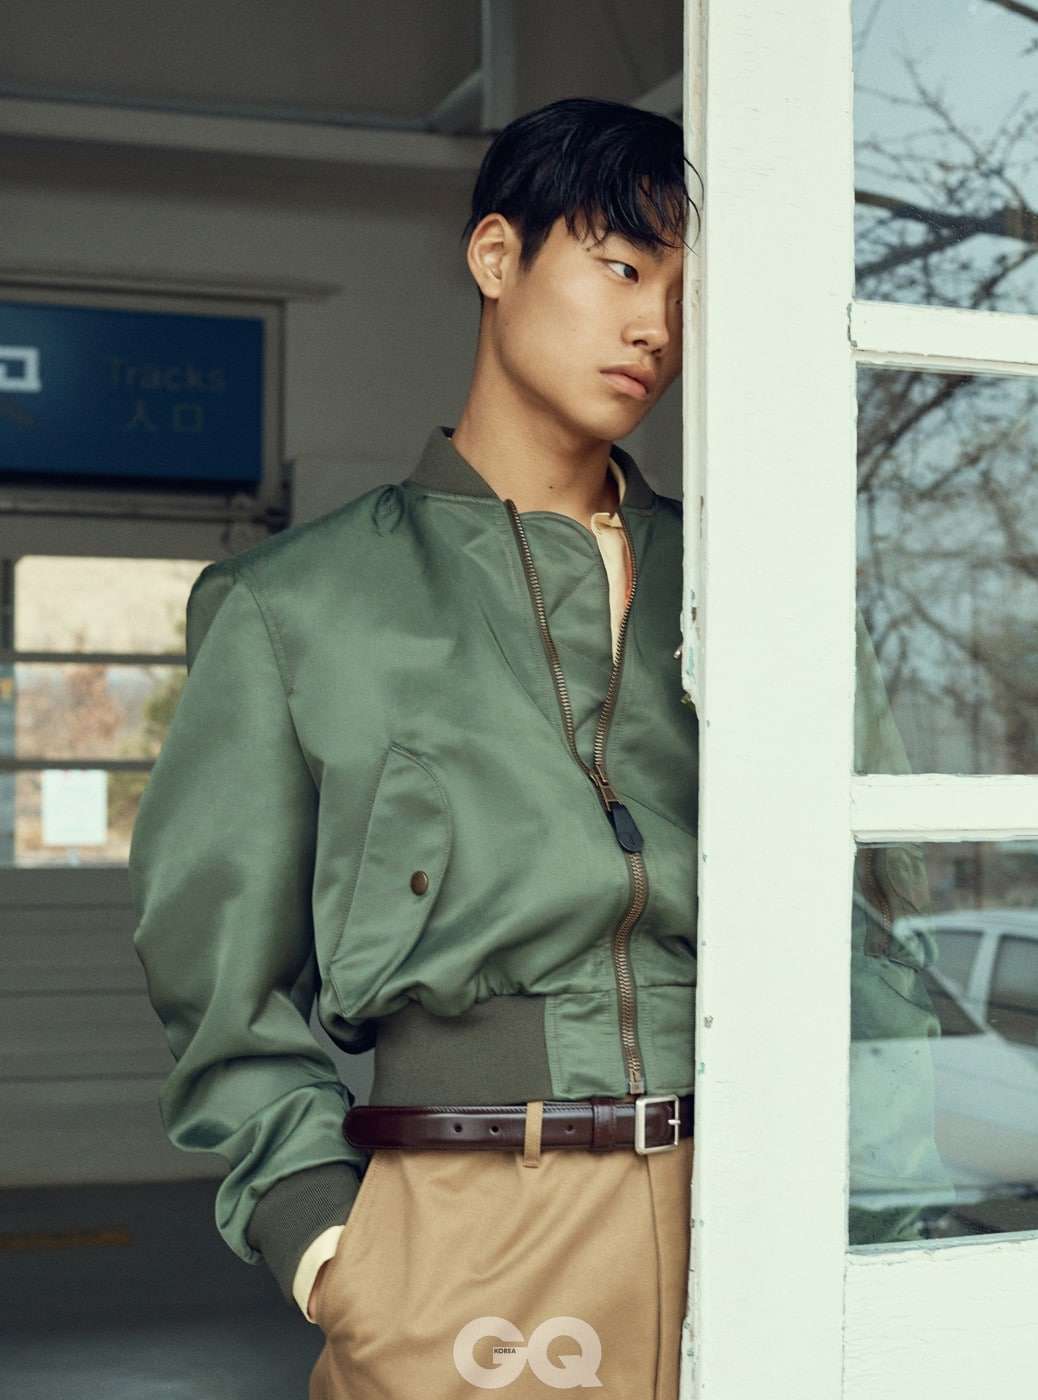 봄버 재킷, 셔츠, 팬츠, 벨트 가격 미정, 모두 발렌시아가 by 뎀나 바잘리아.